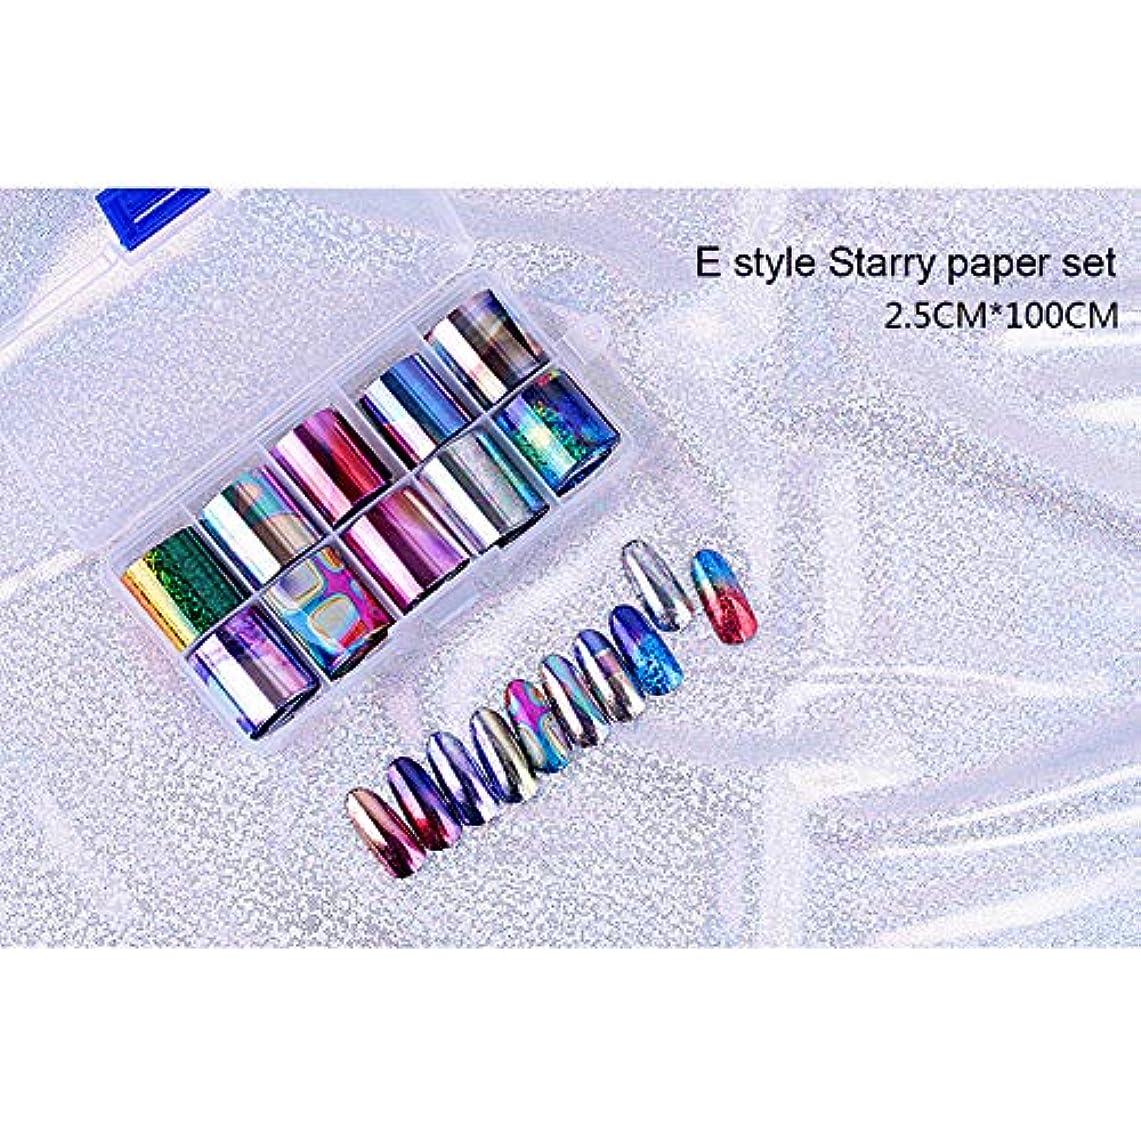 散文南東更新ACHICOO ネイルアートステッカー 10個 ネイルアート チップネイル ステッカーデカール DIY アクセサリー E style star paper set